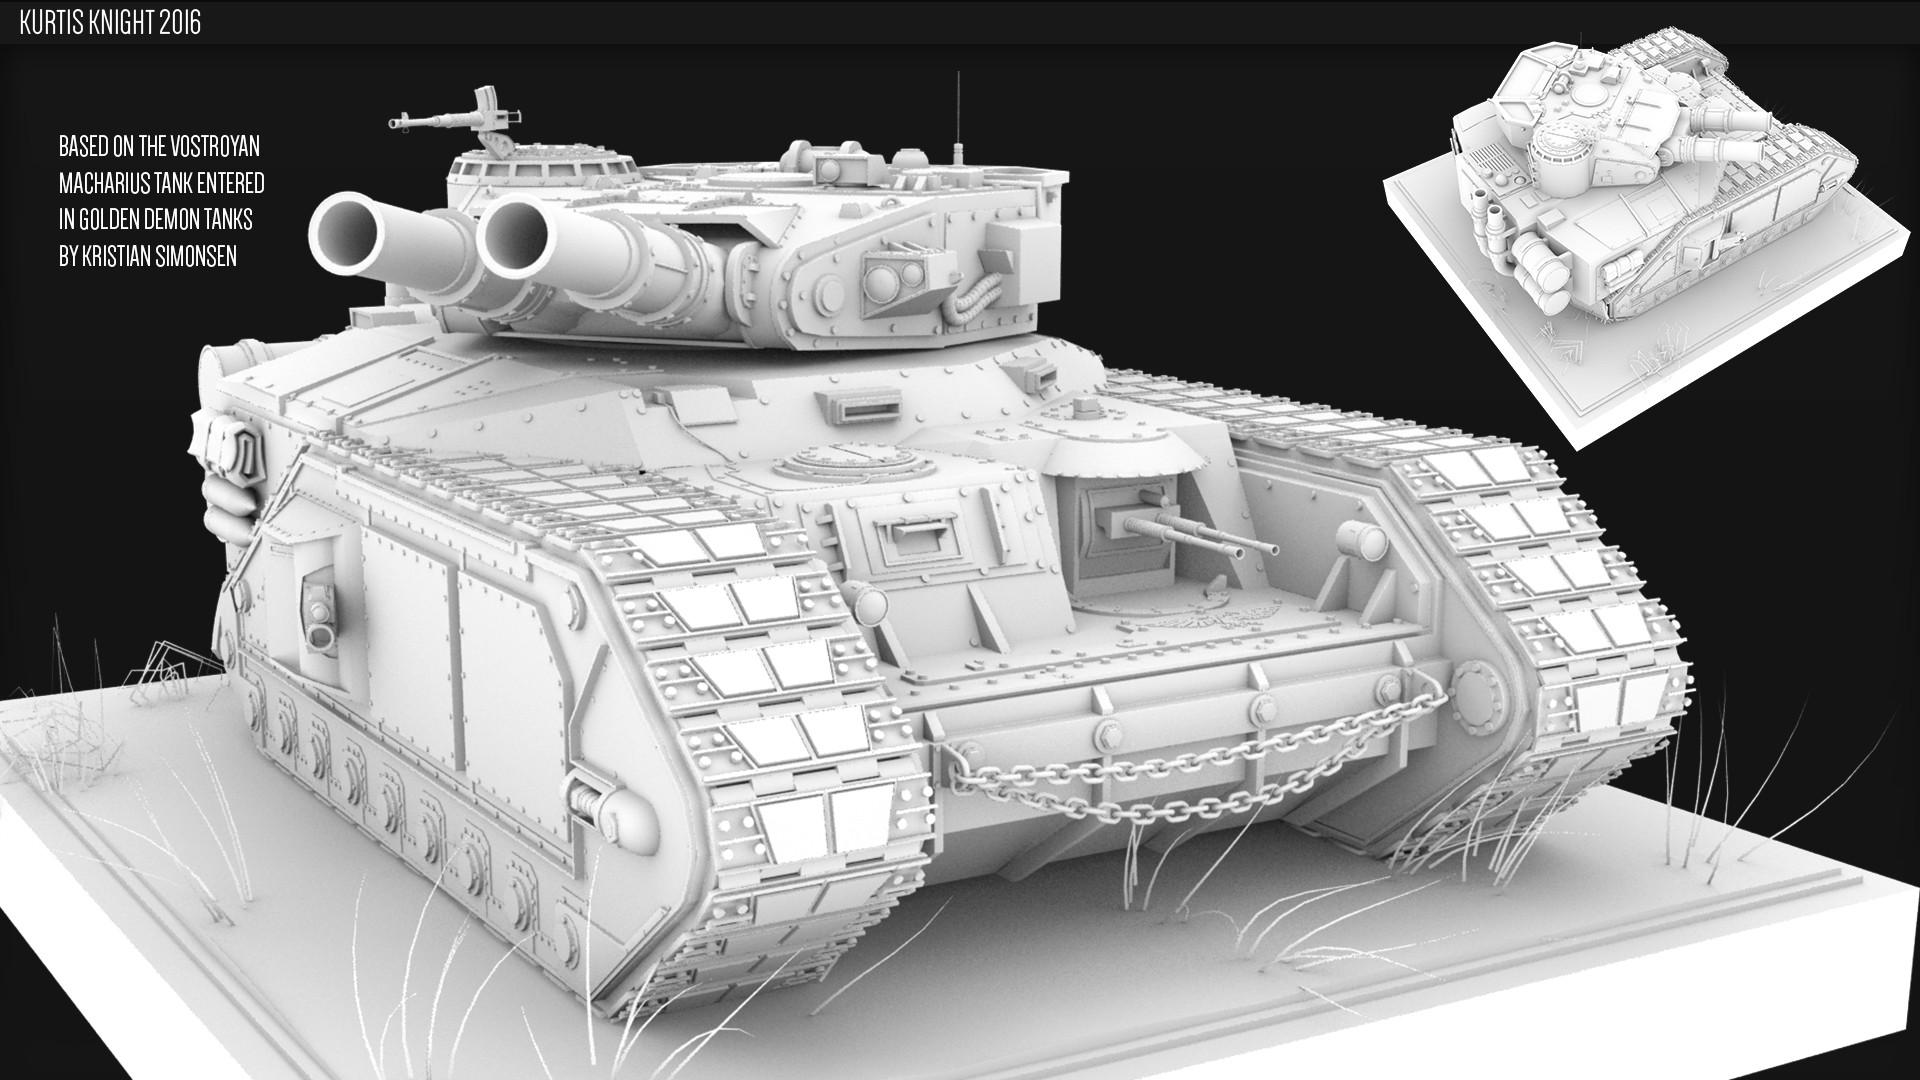 Kurtis knight page24 tank